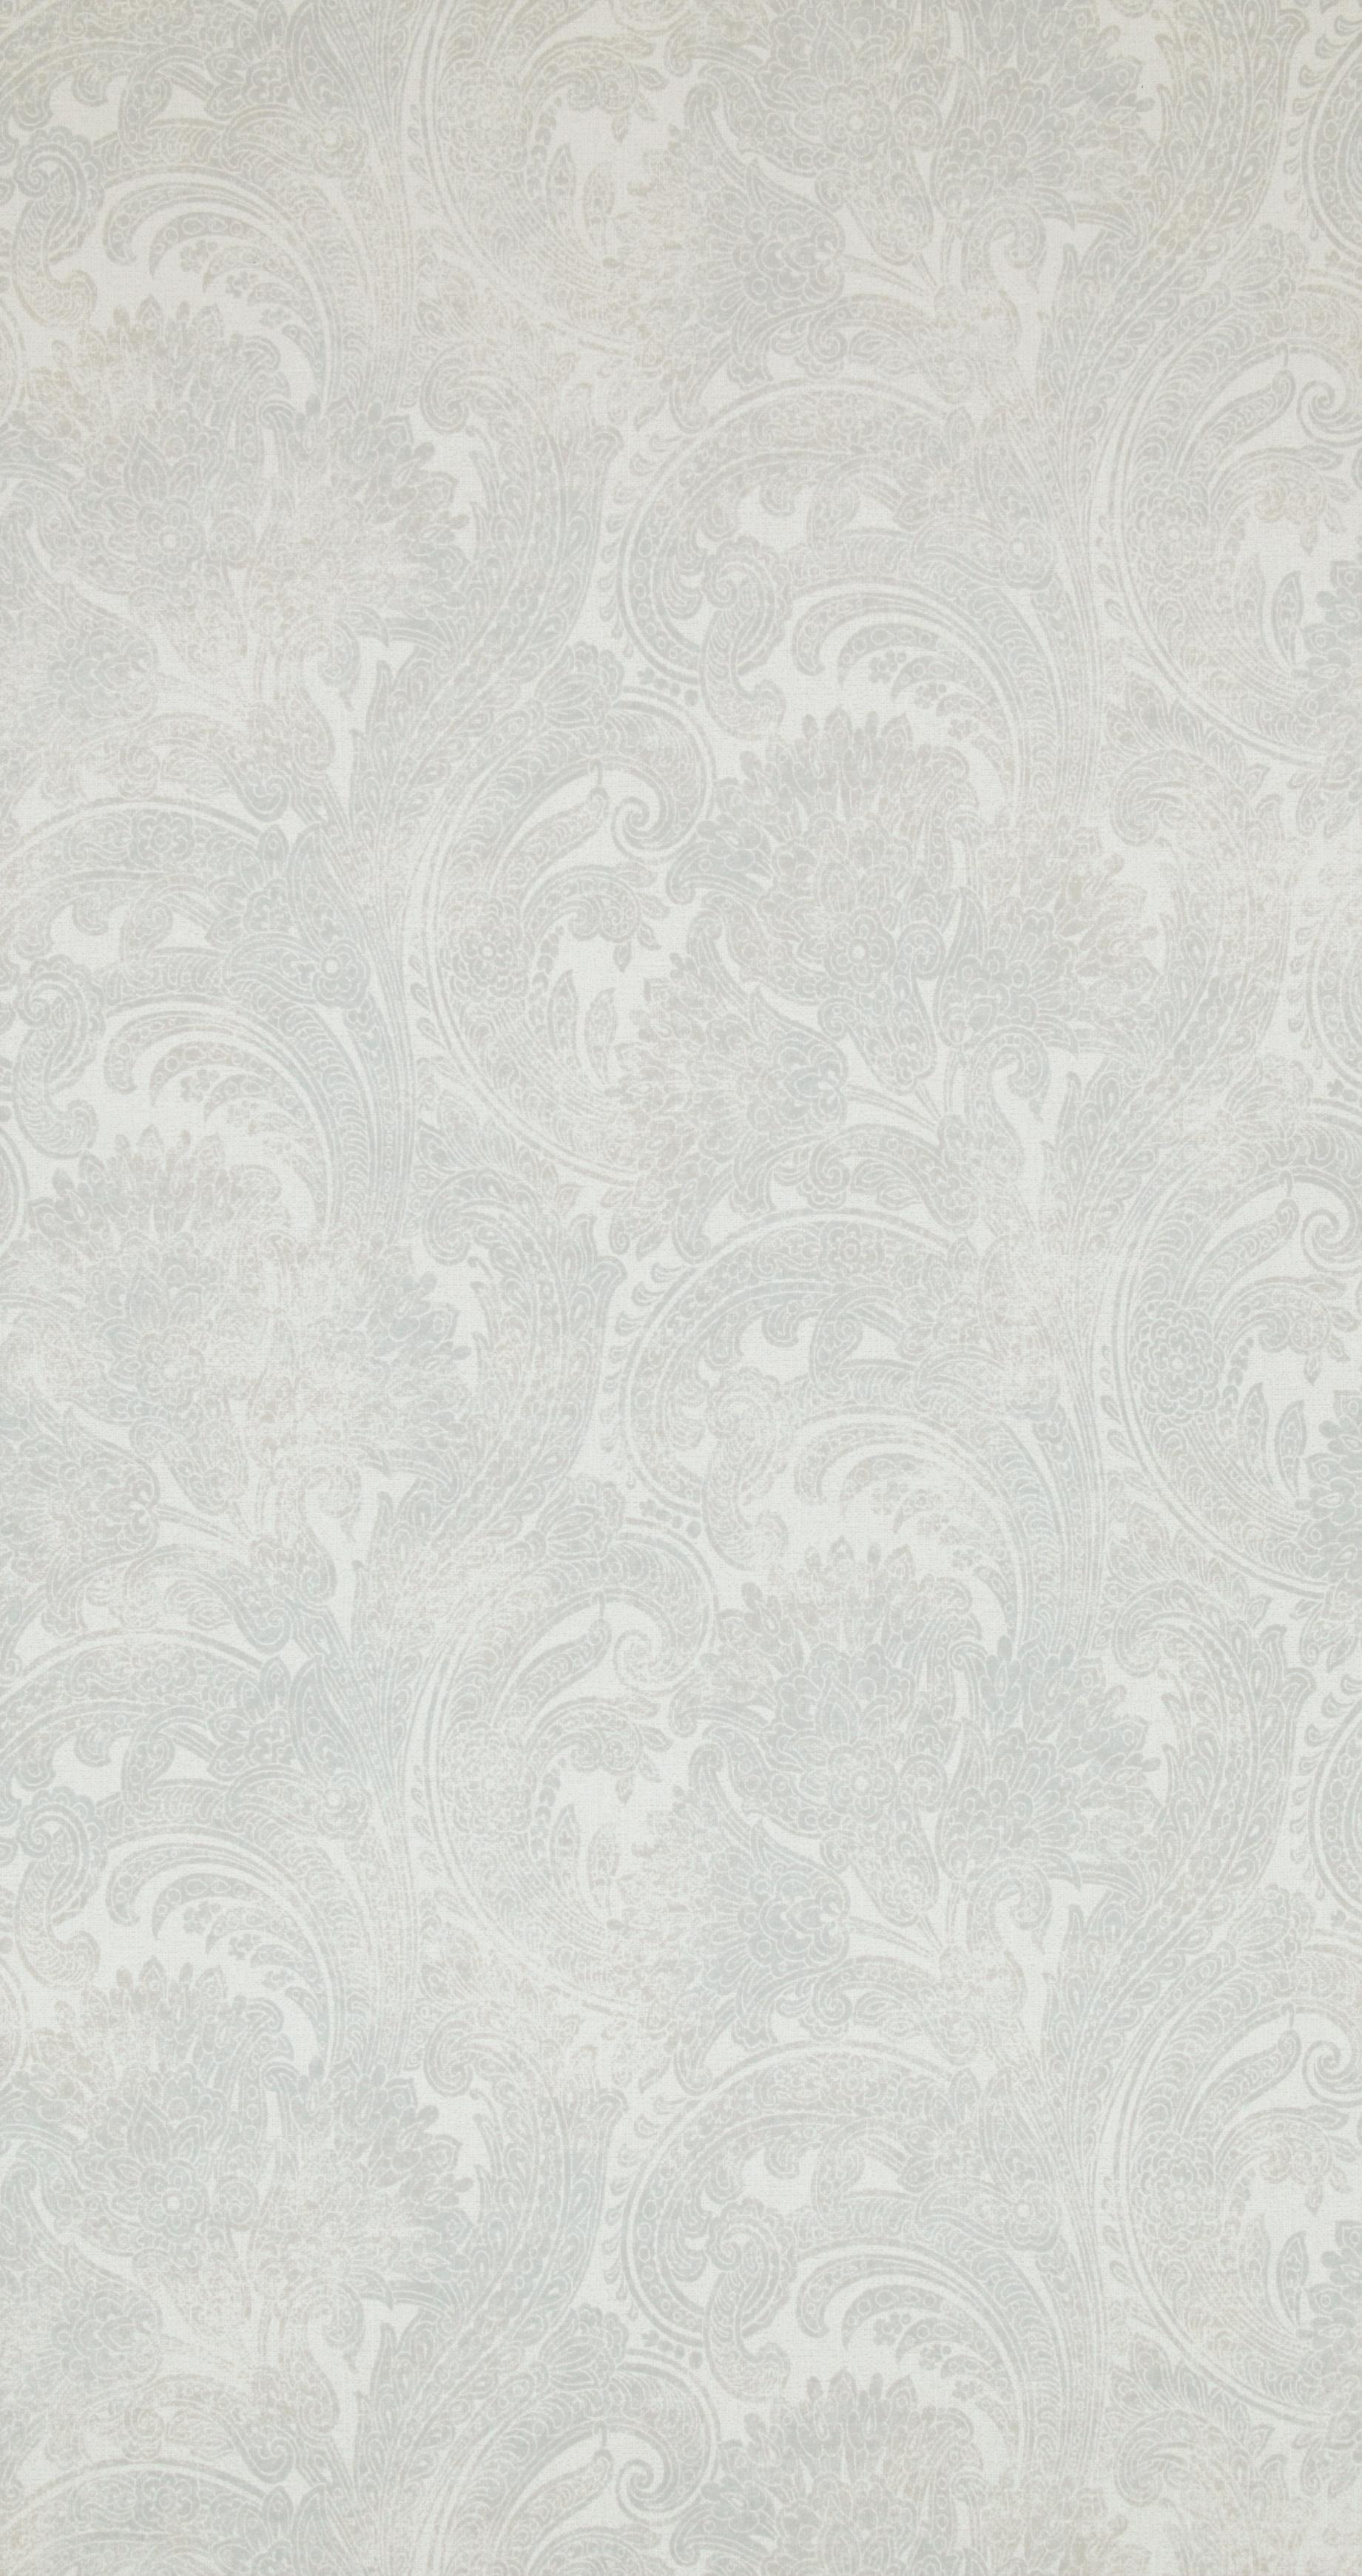 Обои  BN International,  коллекция Riviera Maison, артикул18382